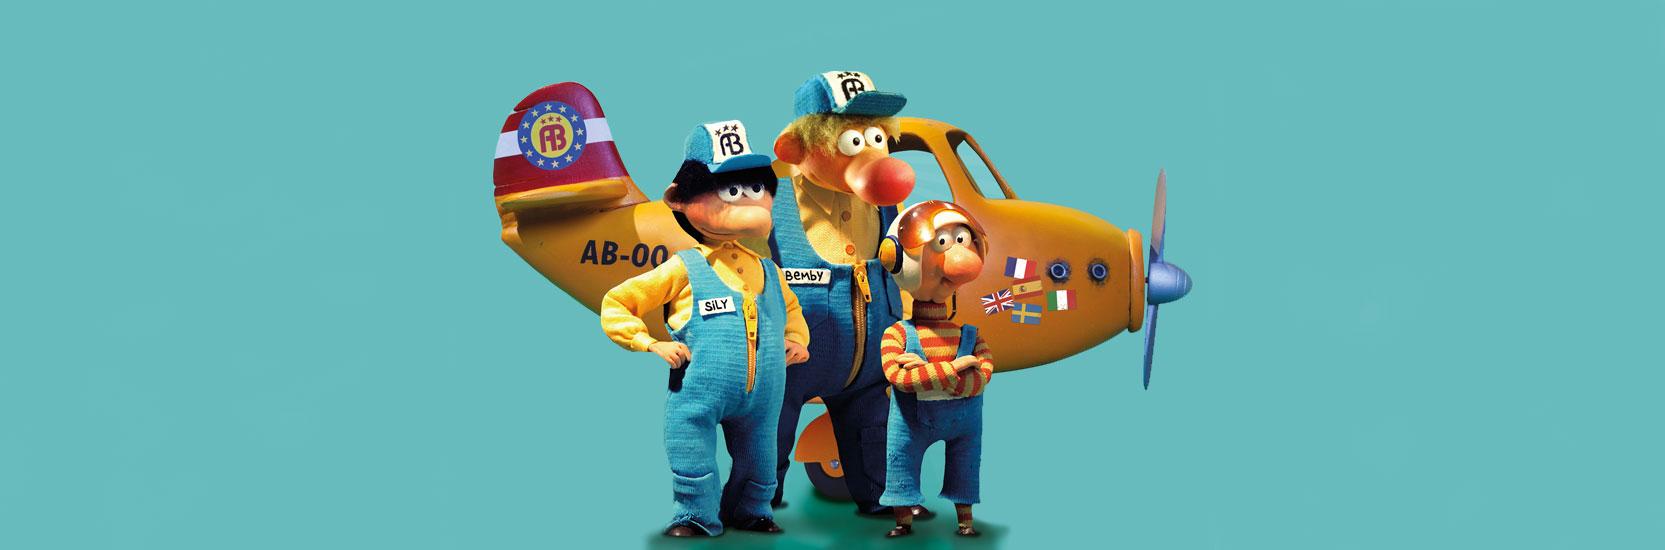 """Critique – Stop-motion non-stop avec """"L'équipe de secours, en route pour l'aventure !"""""""